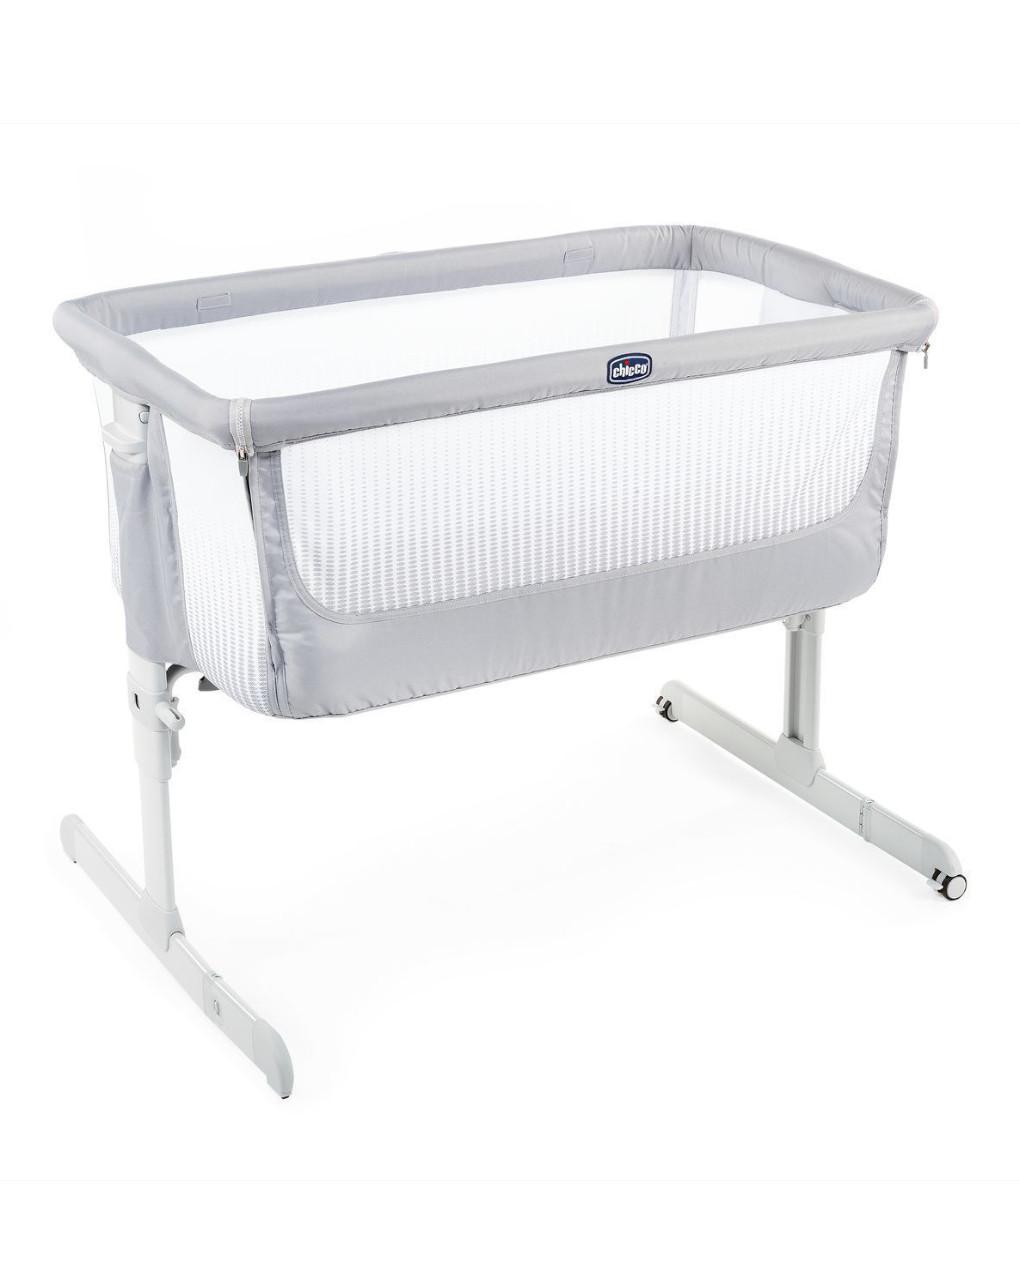 Rent co sleeper bassinet Firenze